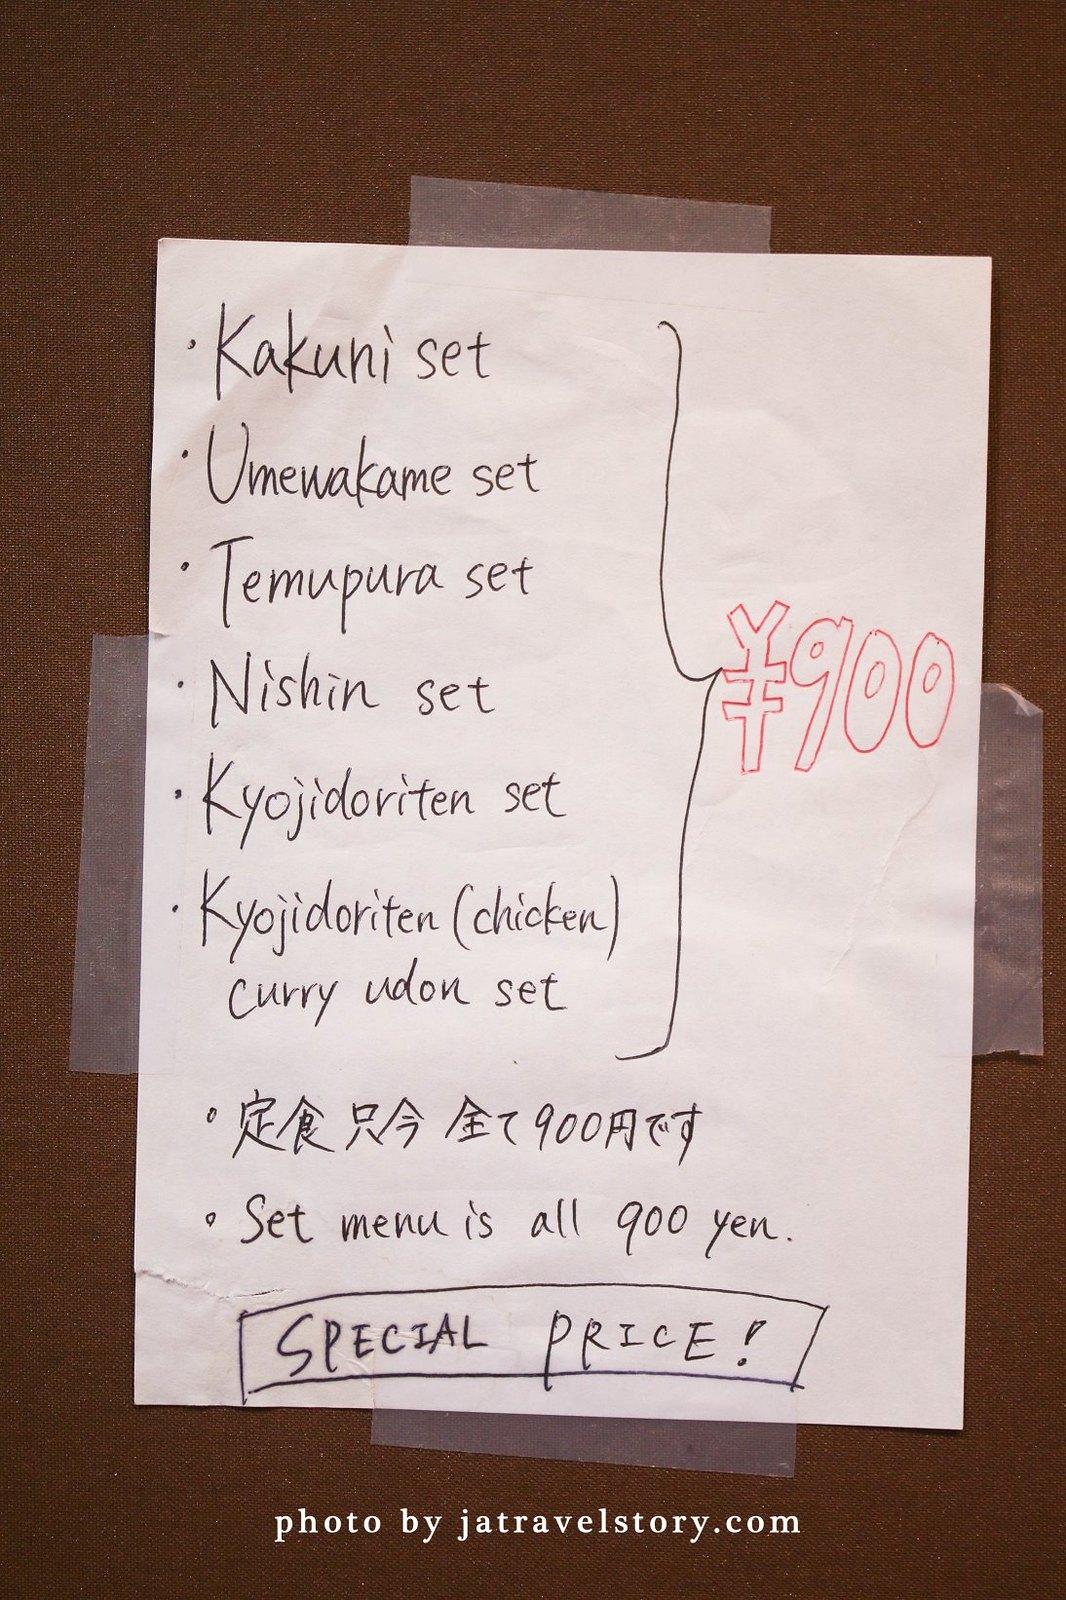 【京都嵐山美食】戶隱手打蕎麥麵 天婦羅蕎麥麵套餐只要900円,炸蝦彈牙鮮甜好吃! @J&A的旅行